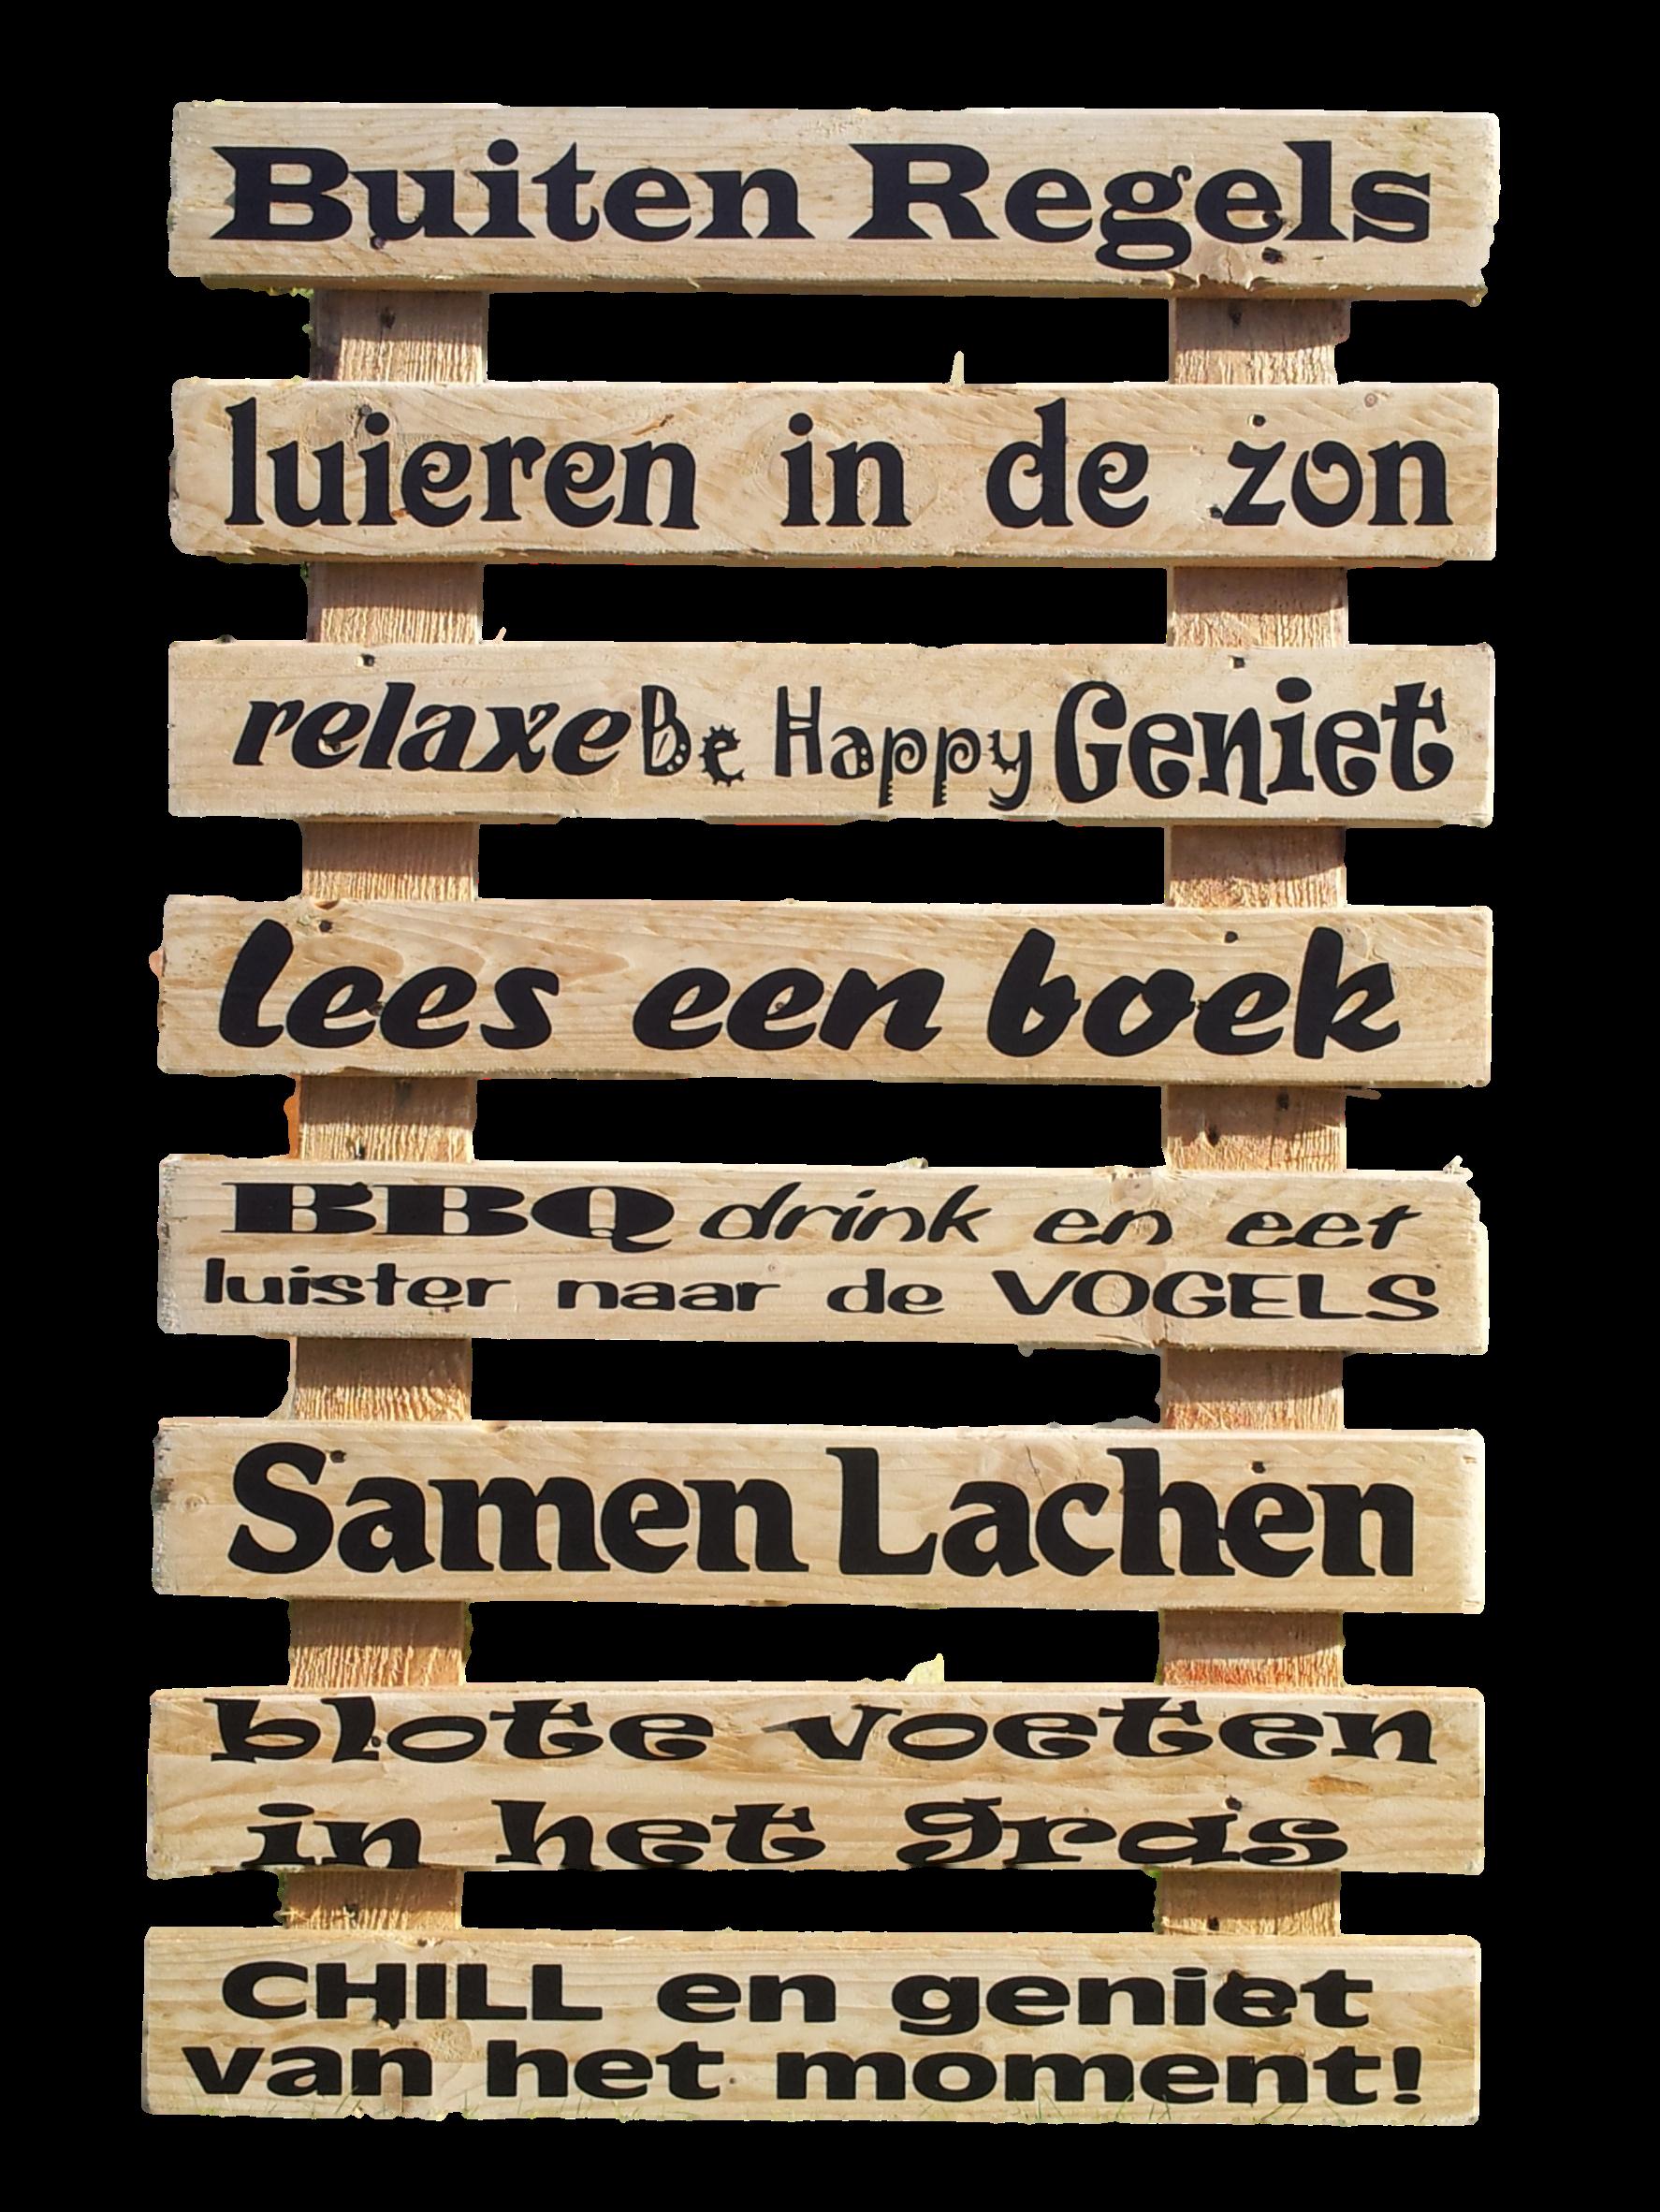 Tekstborden buiten regels sticker tekstborden pinterest buiten teksten en tuin - Onze mooie ideeen ...